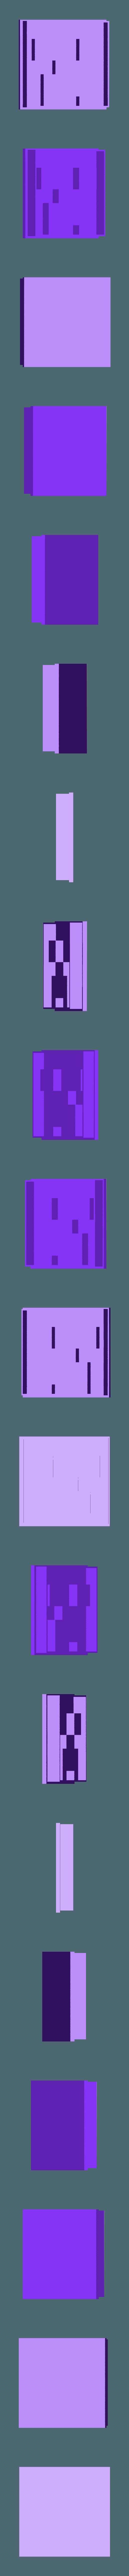 Minecraft Creeper Cookie Cutter.stl Download free STL file Minecraft Creeper Cookie Cutter • 3D print model, waymanhyrum542